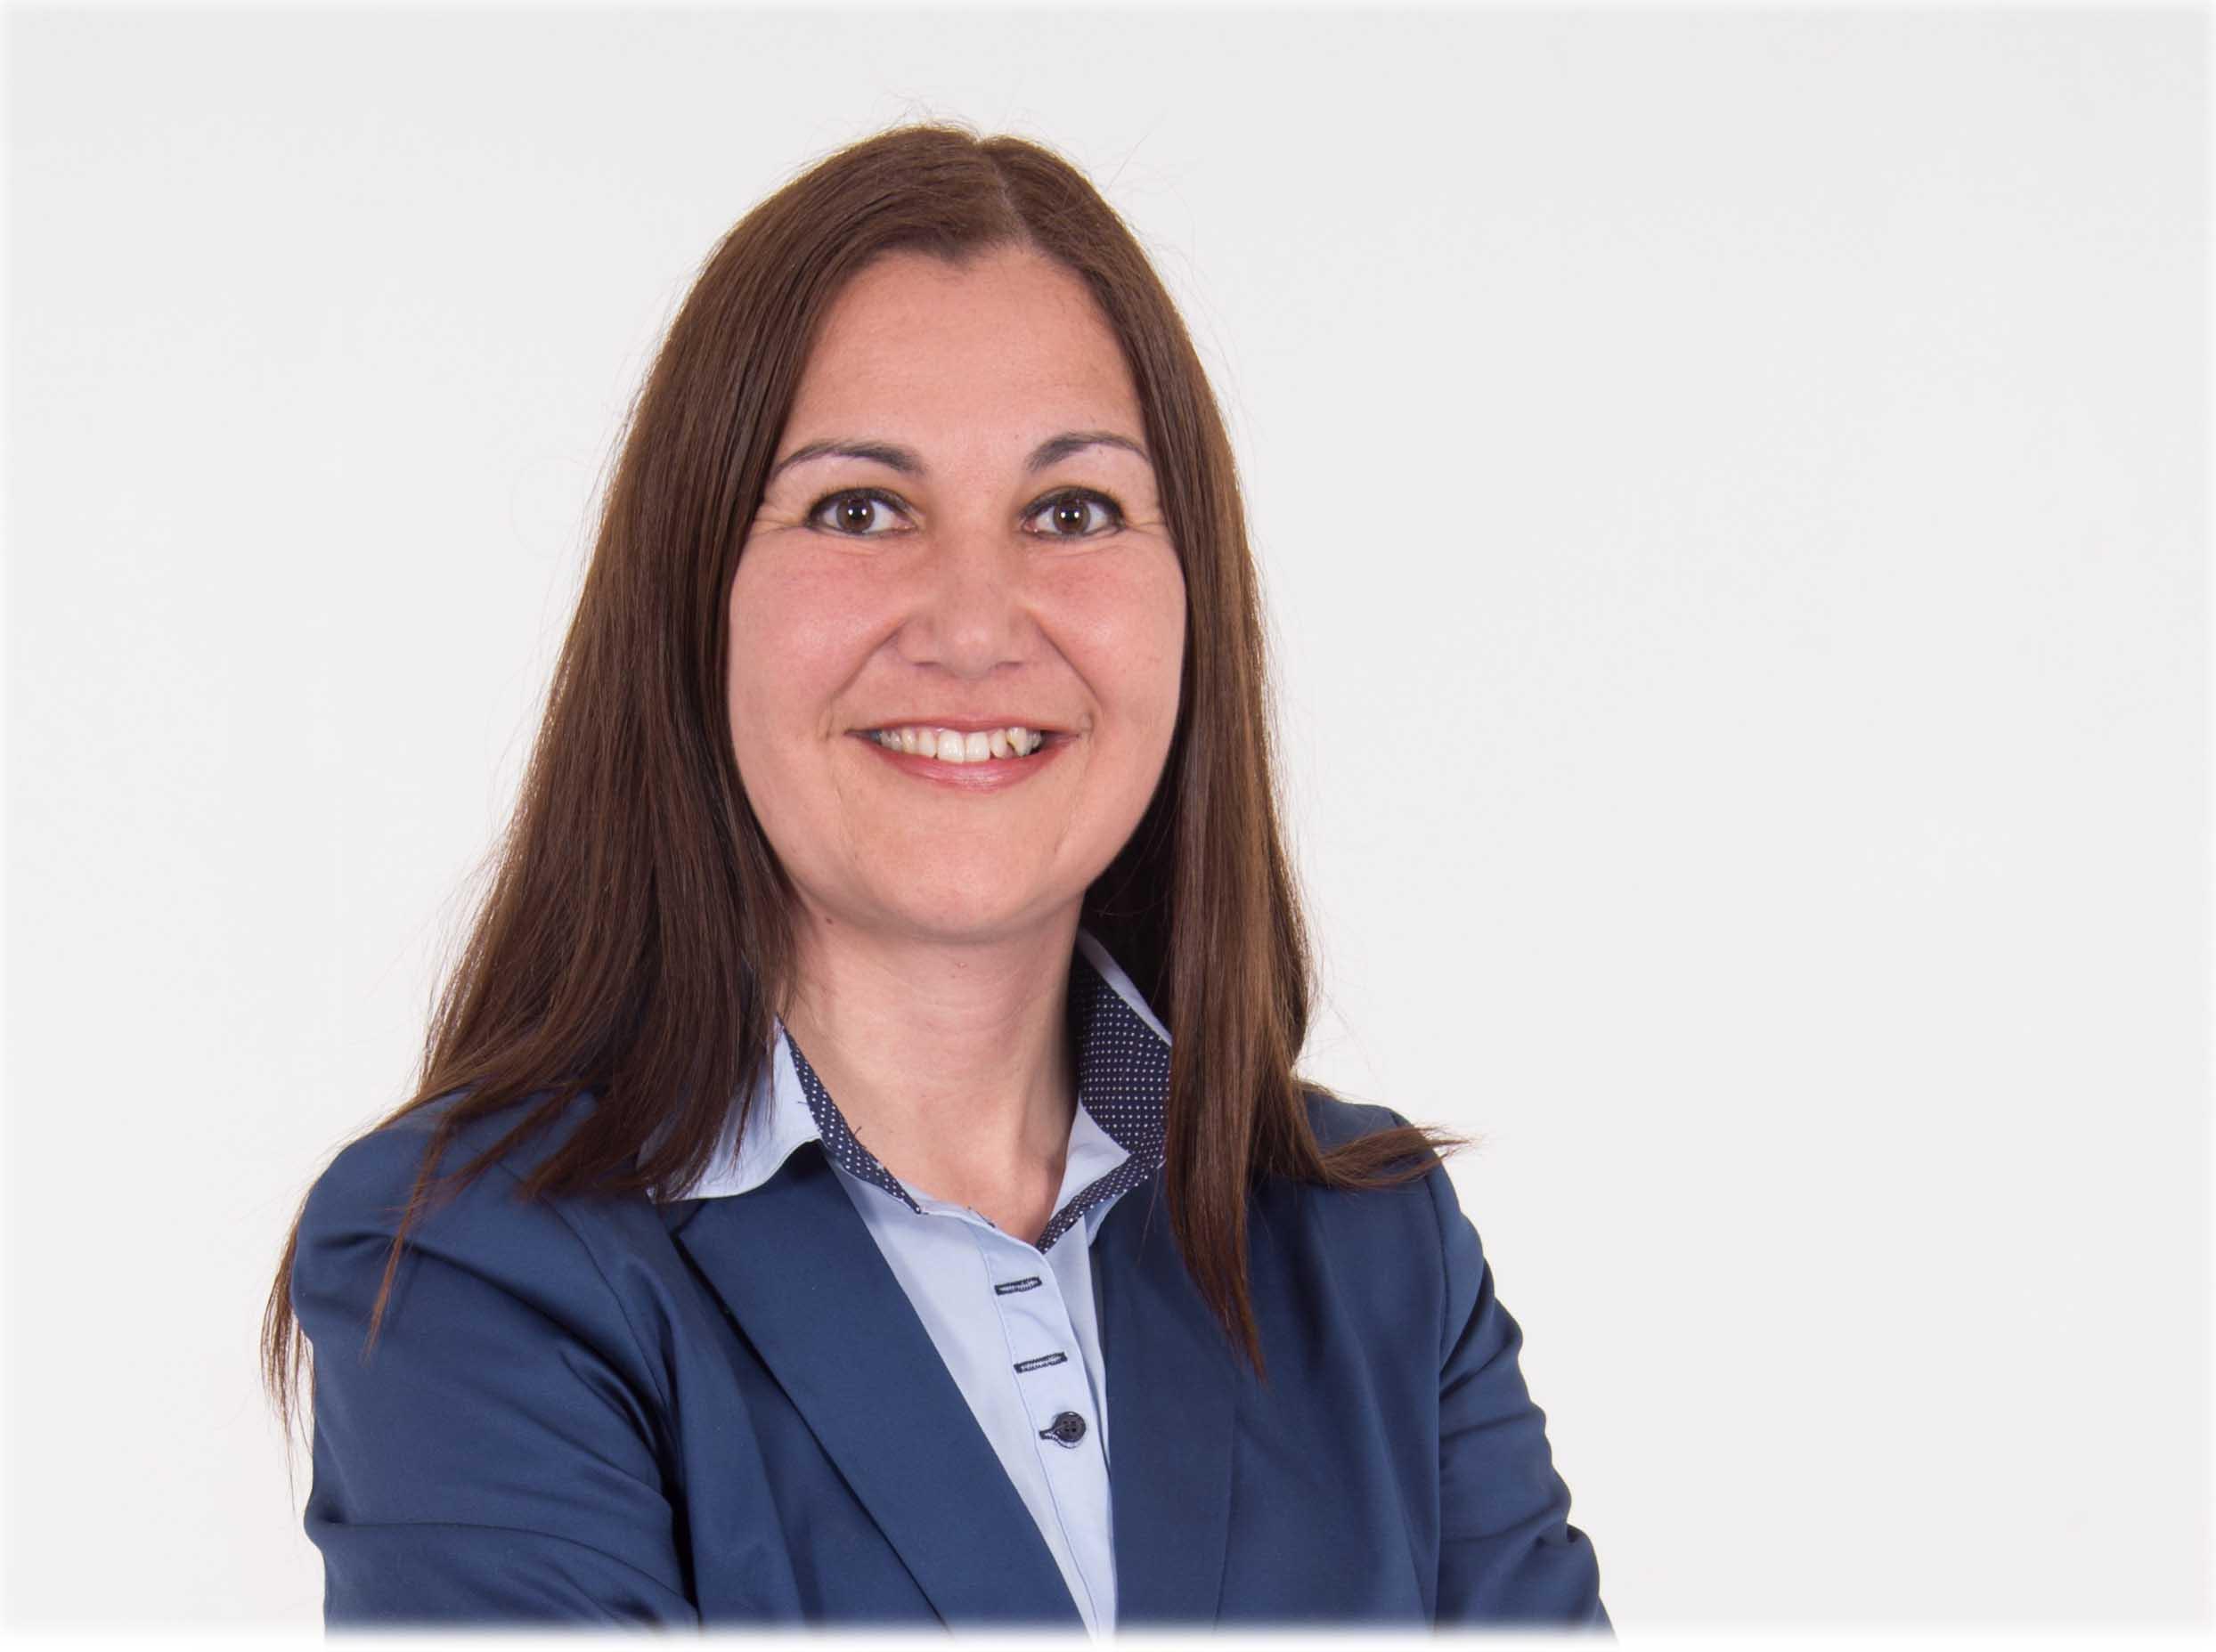 Lourdes Quintana portada